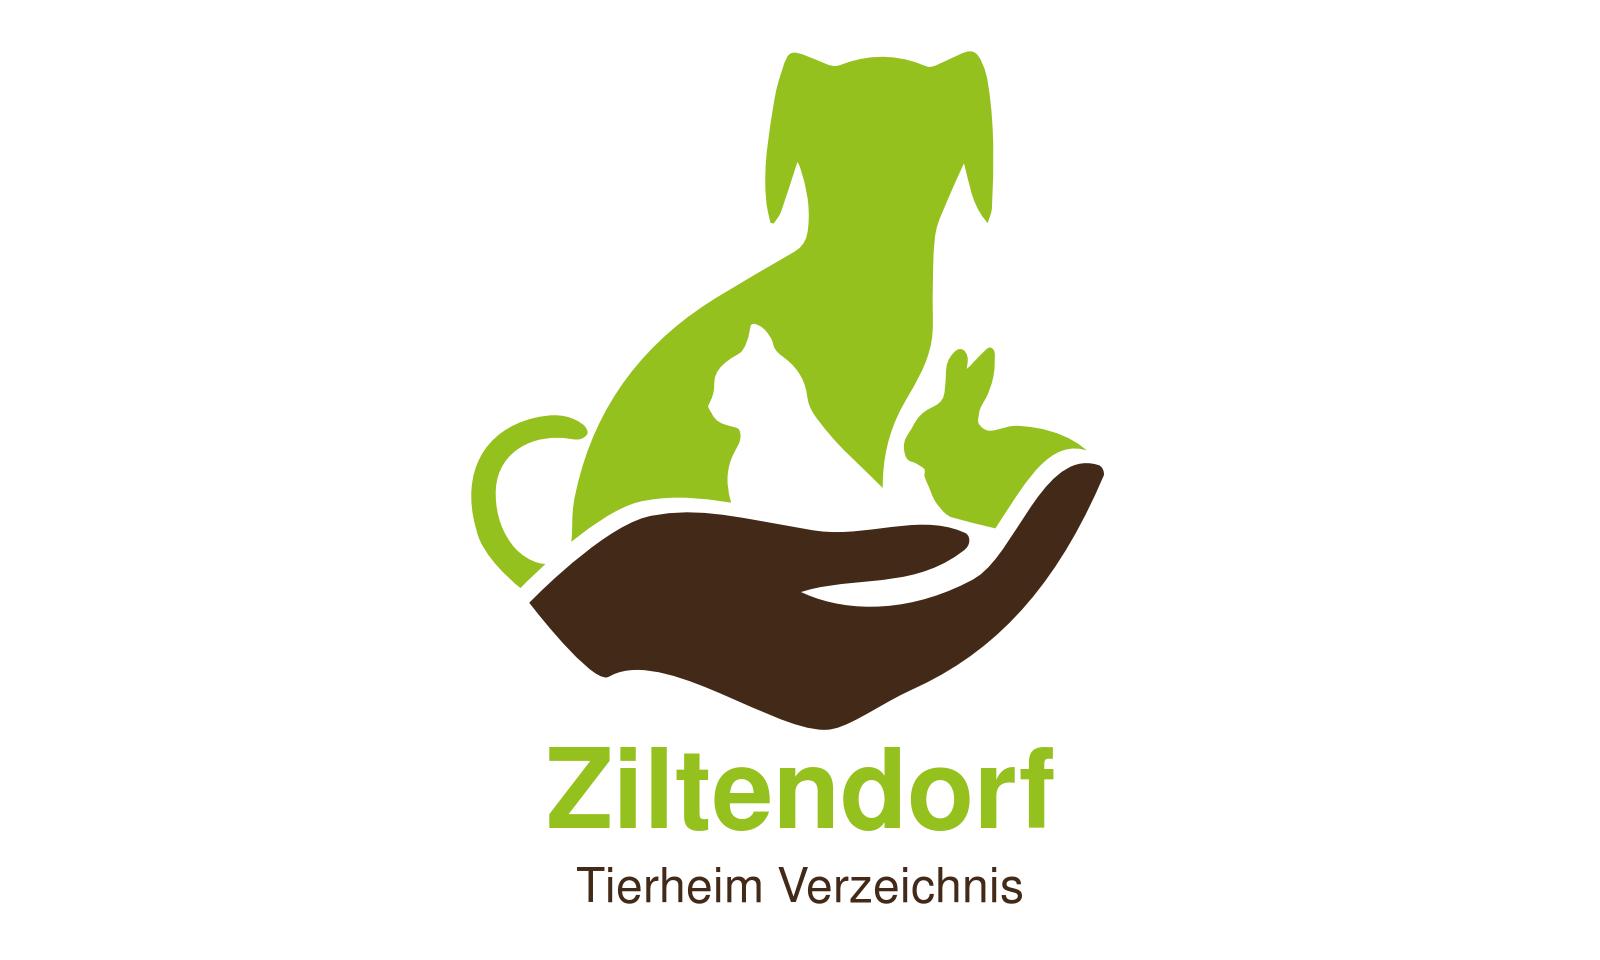 Tierheim Ziltendorf